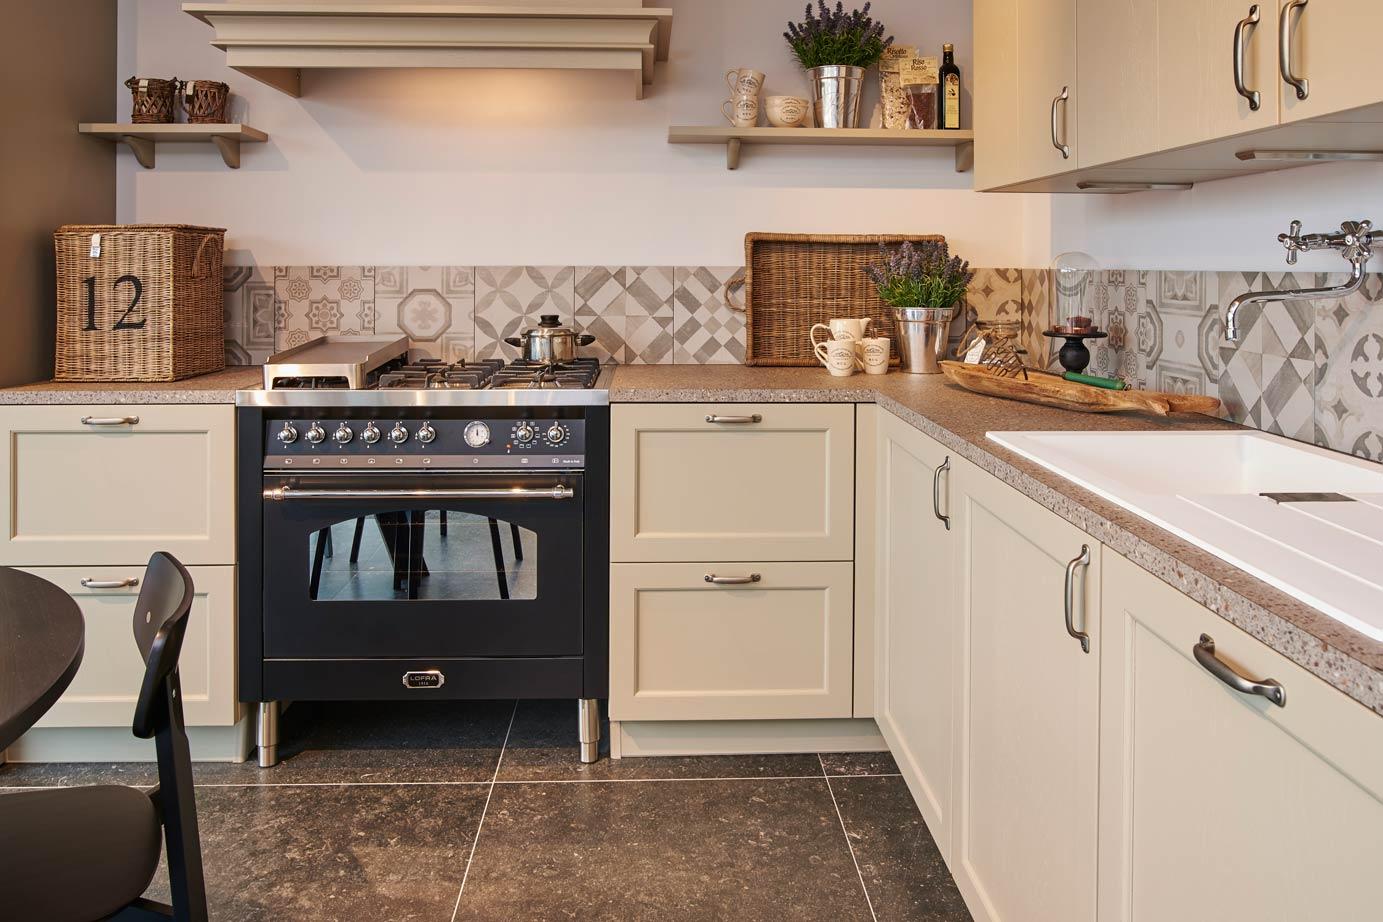 Fornuis Keuken Landelijk : Landelijke keuken met fornuis ideale combinatie van praktisch en